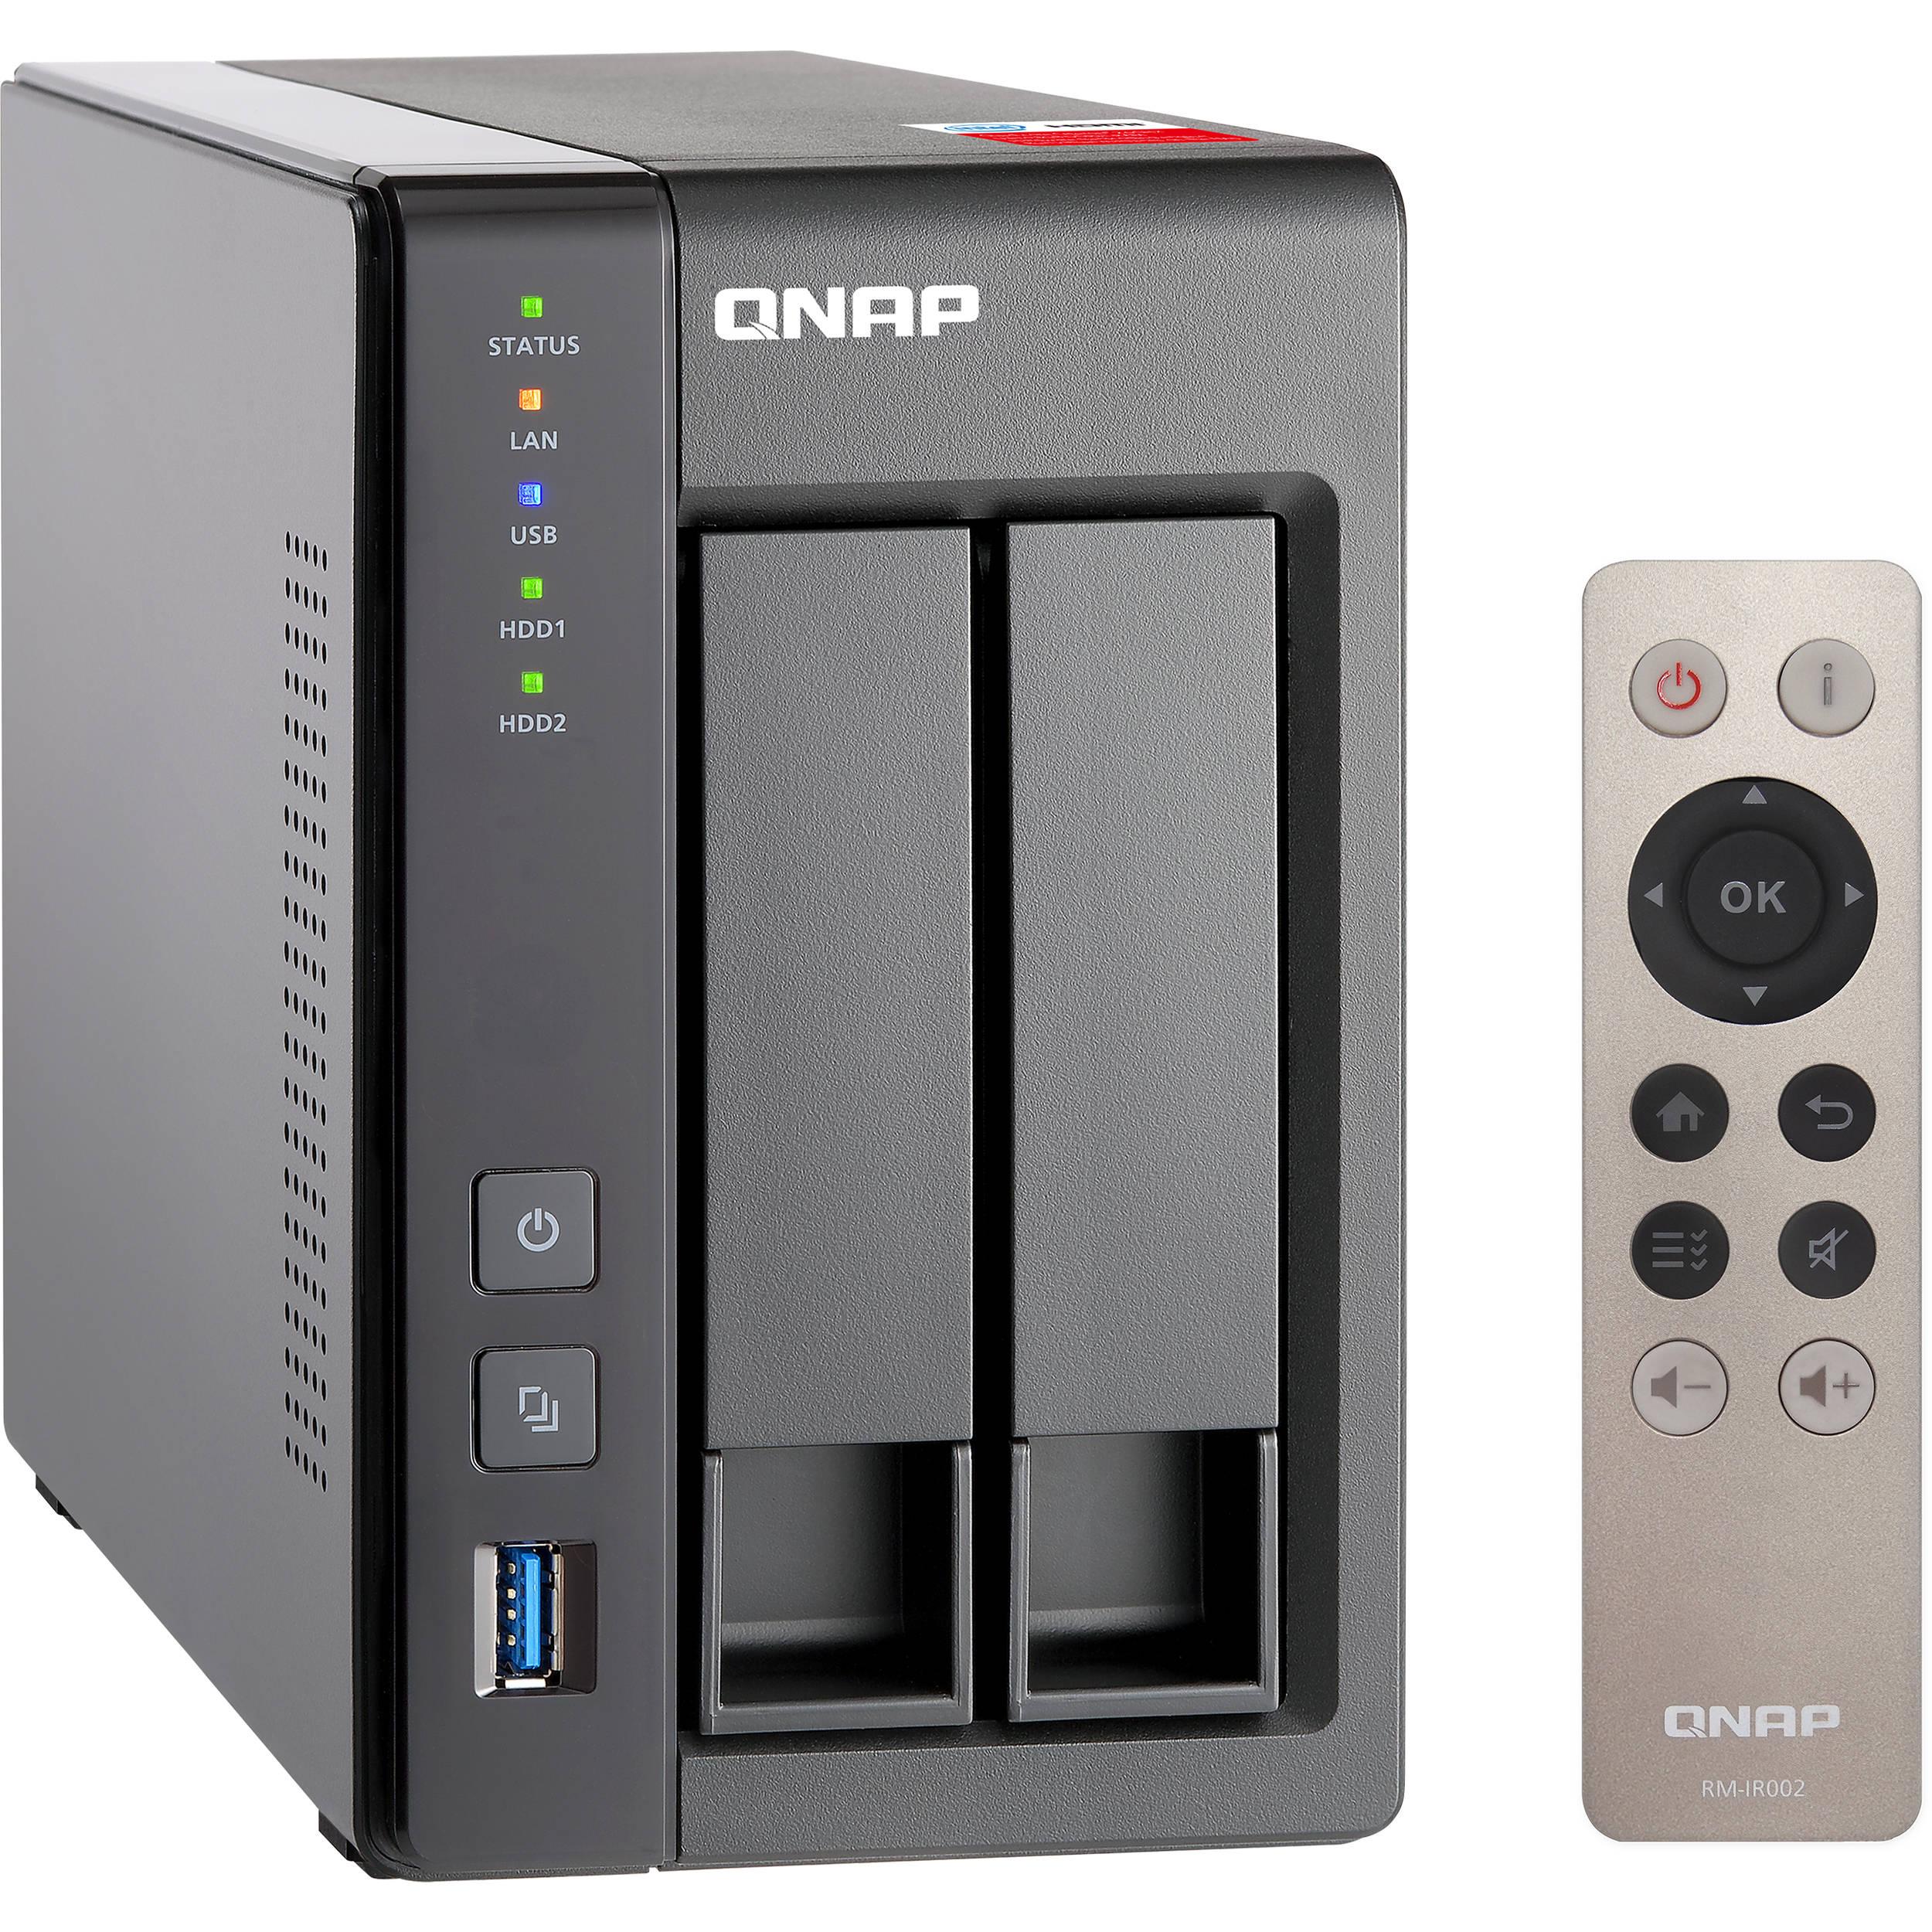 QNAP TS-251+ 2-Bay Home and SOHO NAS Enclosure